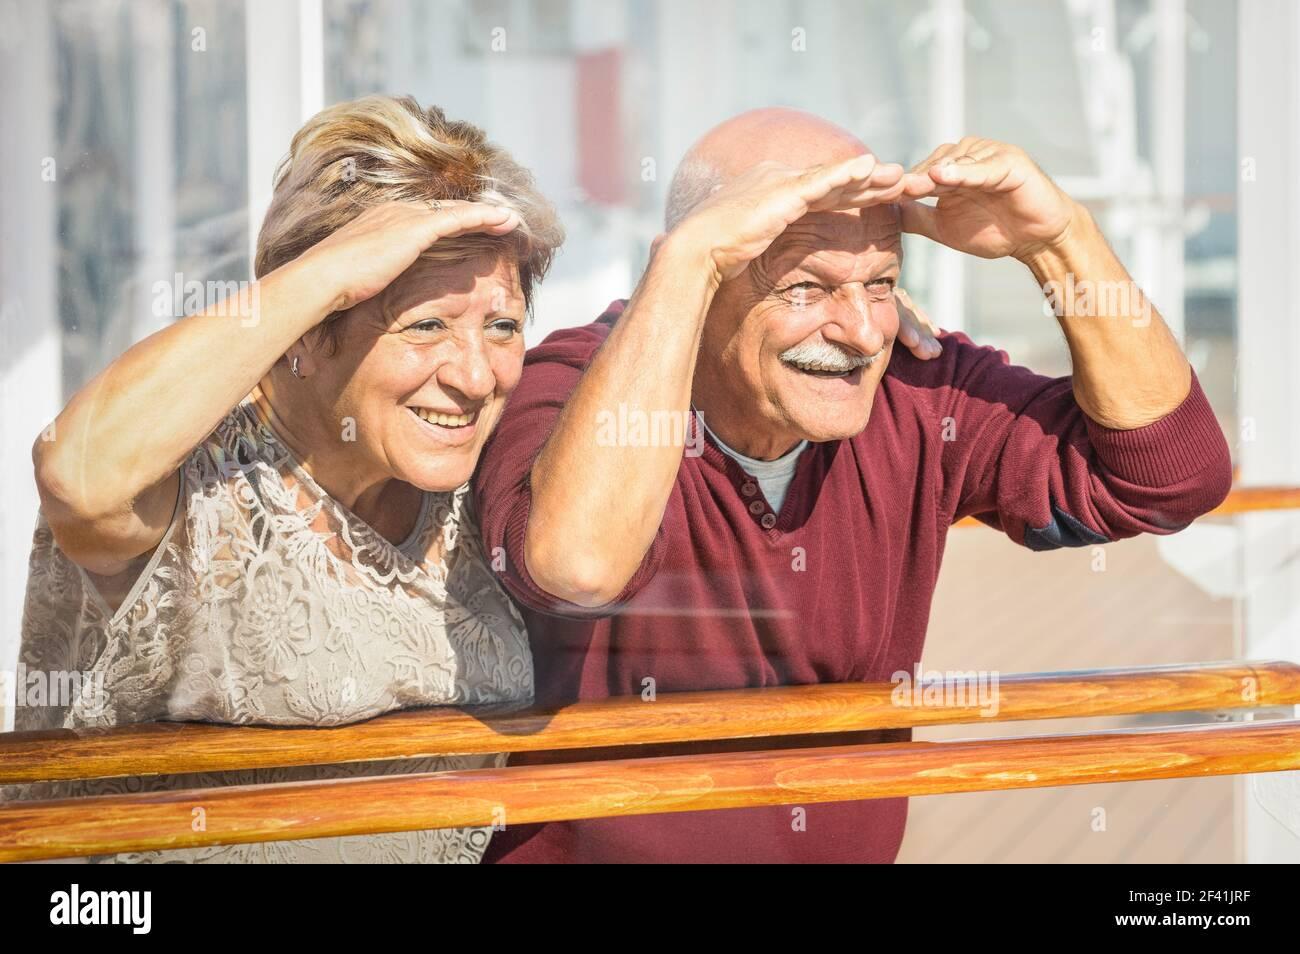 Felice coppia anziana che si diverte guardando al futuro - concetto Di attivi e giocosi anziani durante il pensionamento - stile di vita di viaggio con atteggiamento divertente infantile Foto Stock